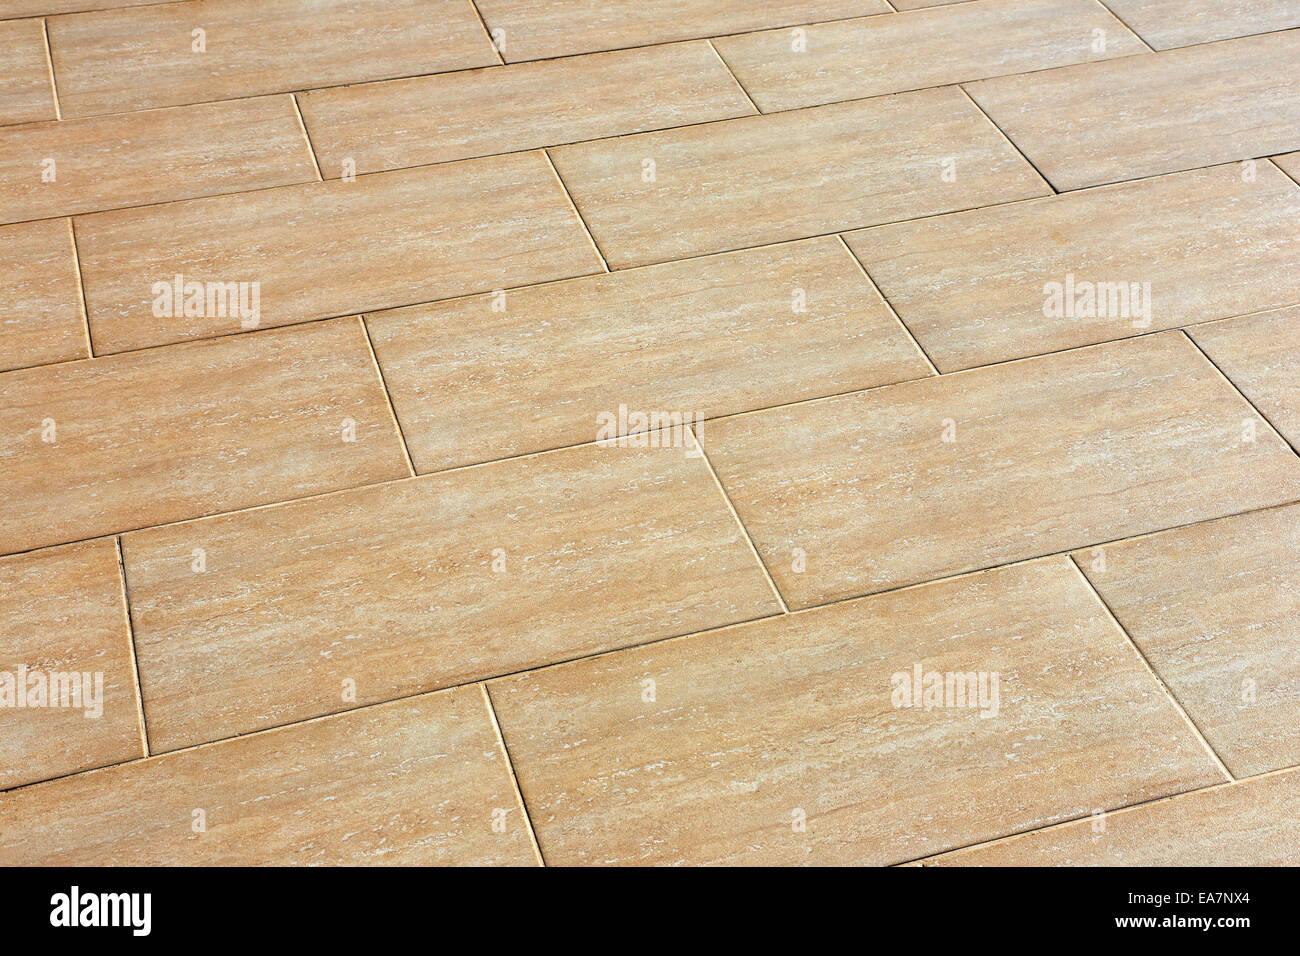 Keramikfliesen, die Beige Farbe auf dem Boden Stockfoto, Bild ...